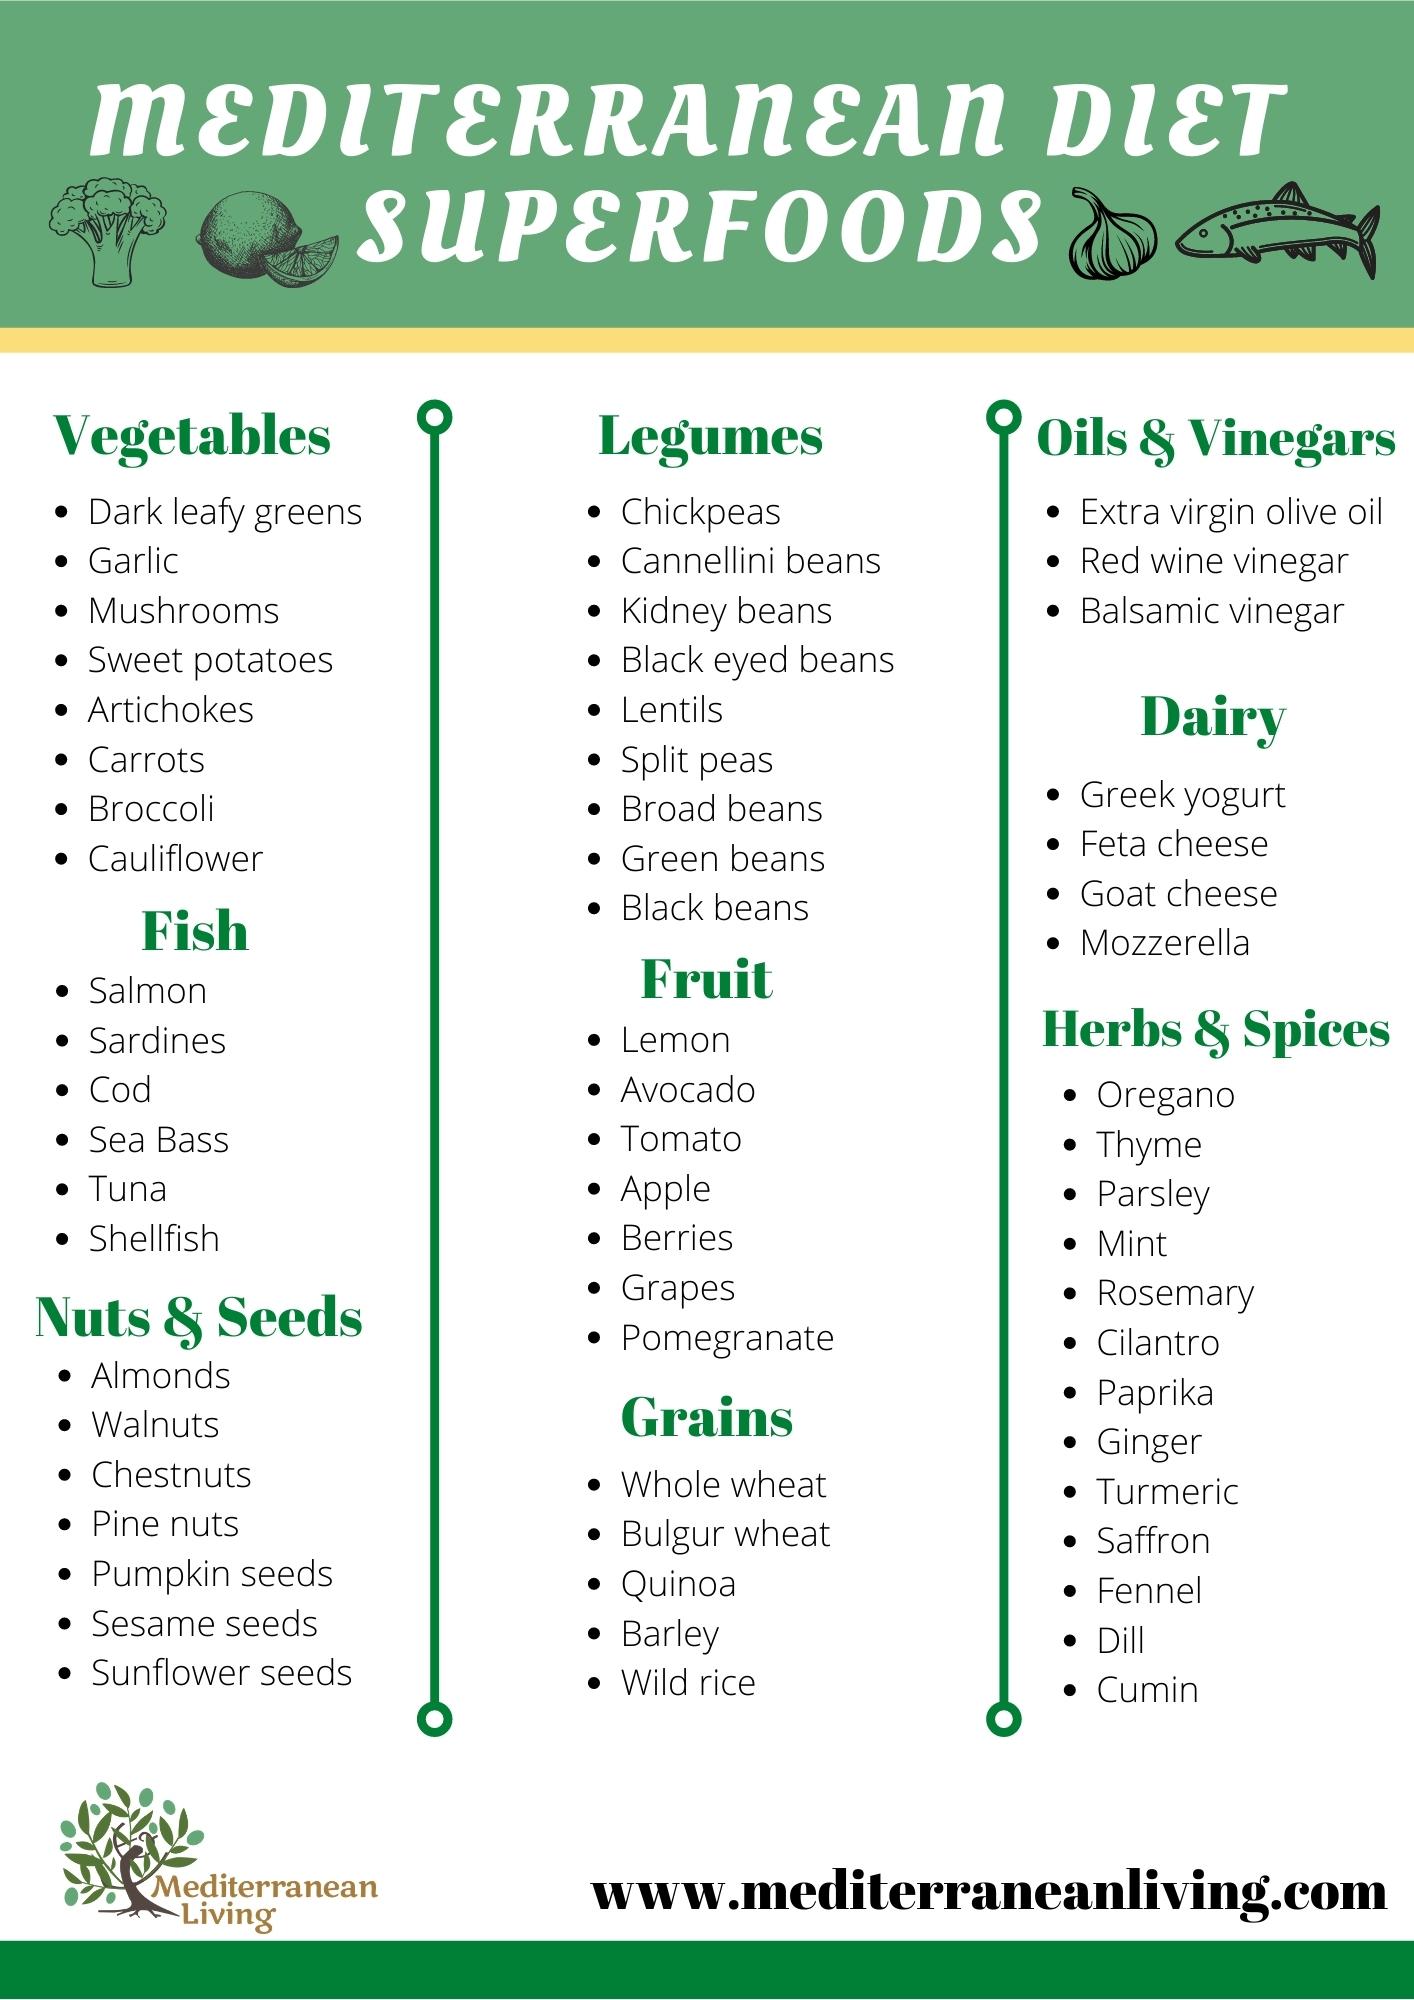 Mediterranean Diet Superfoods